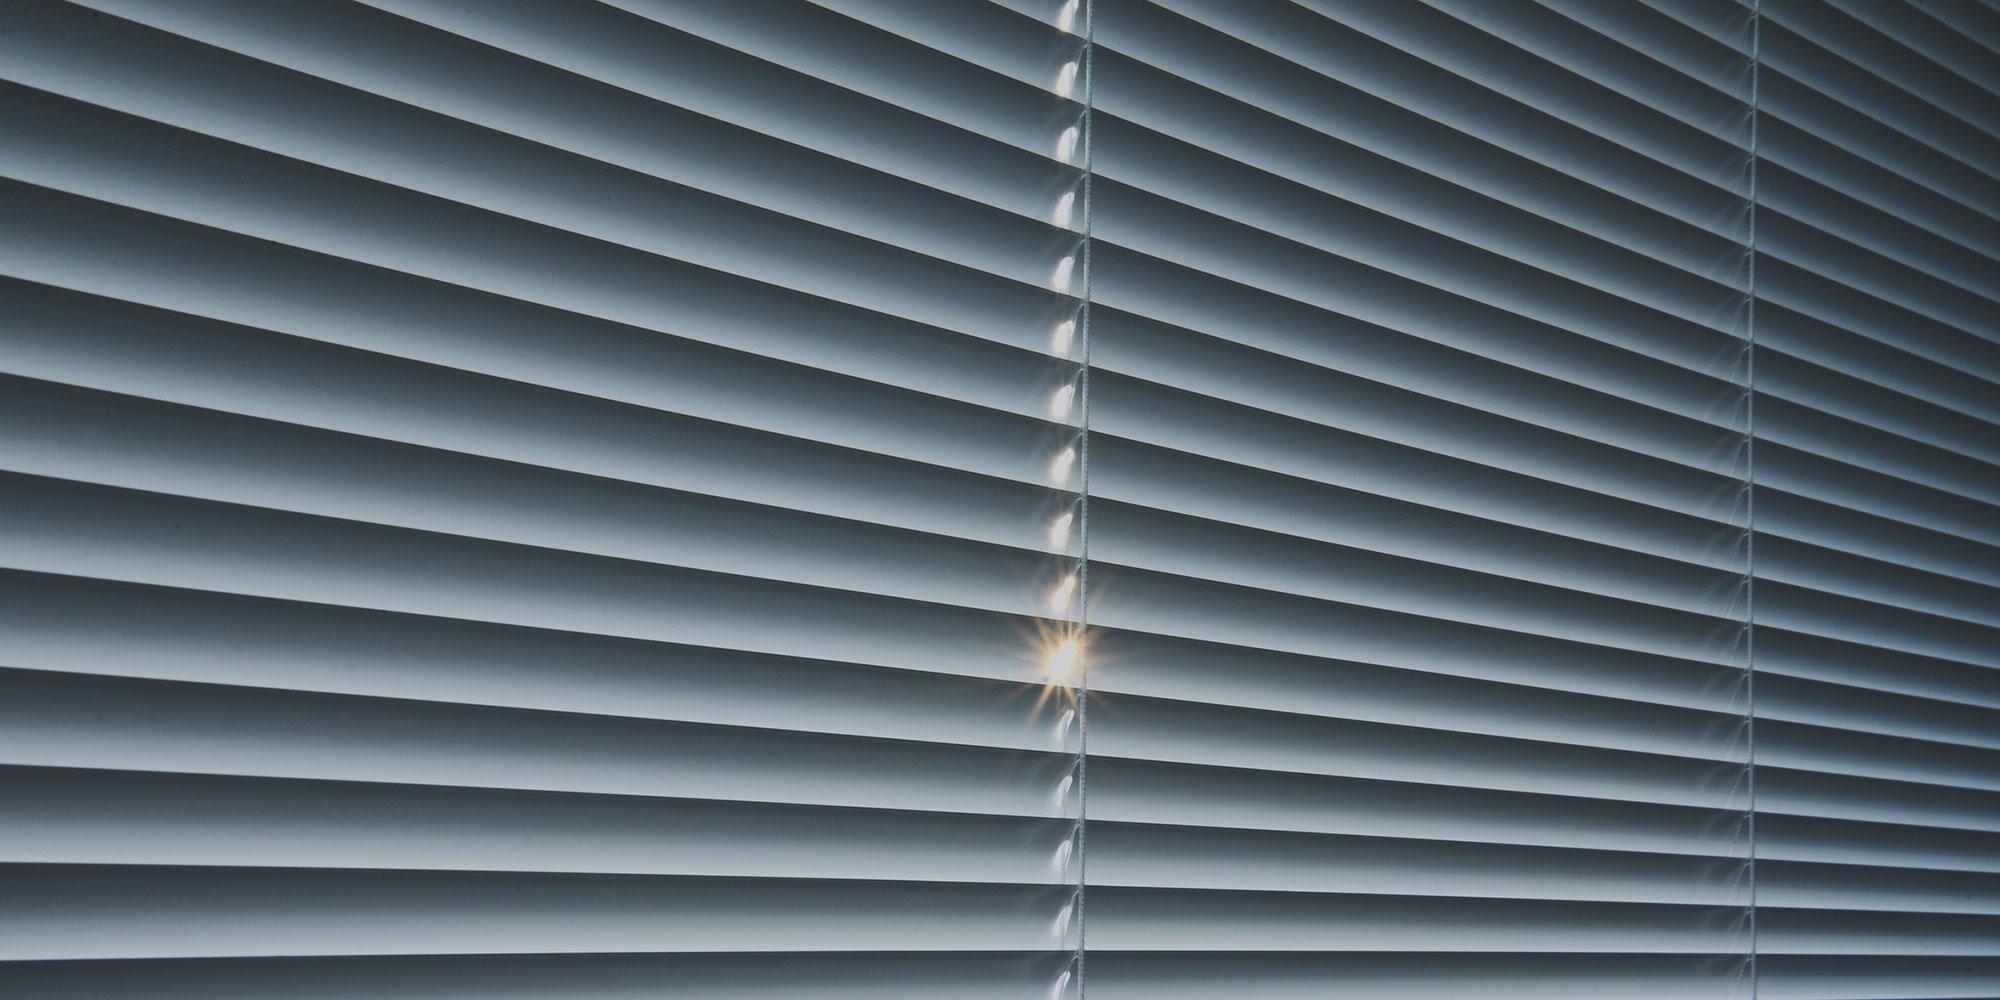 Full Size of Fenster Rolladen Bodentiefe Online Konfigurieren Stores Einbruchschutz Kunststoff Auf Maß Einbruchsicherung Jalousie Drutex Braun Fliegengitter Fenster Fenster Rolladen